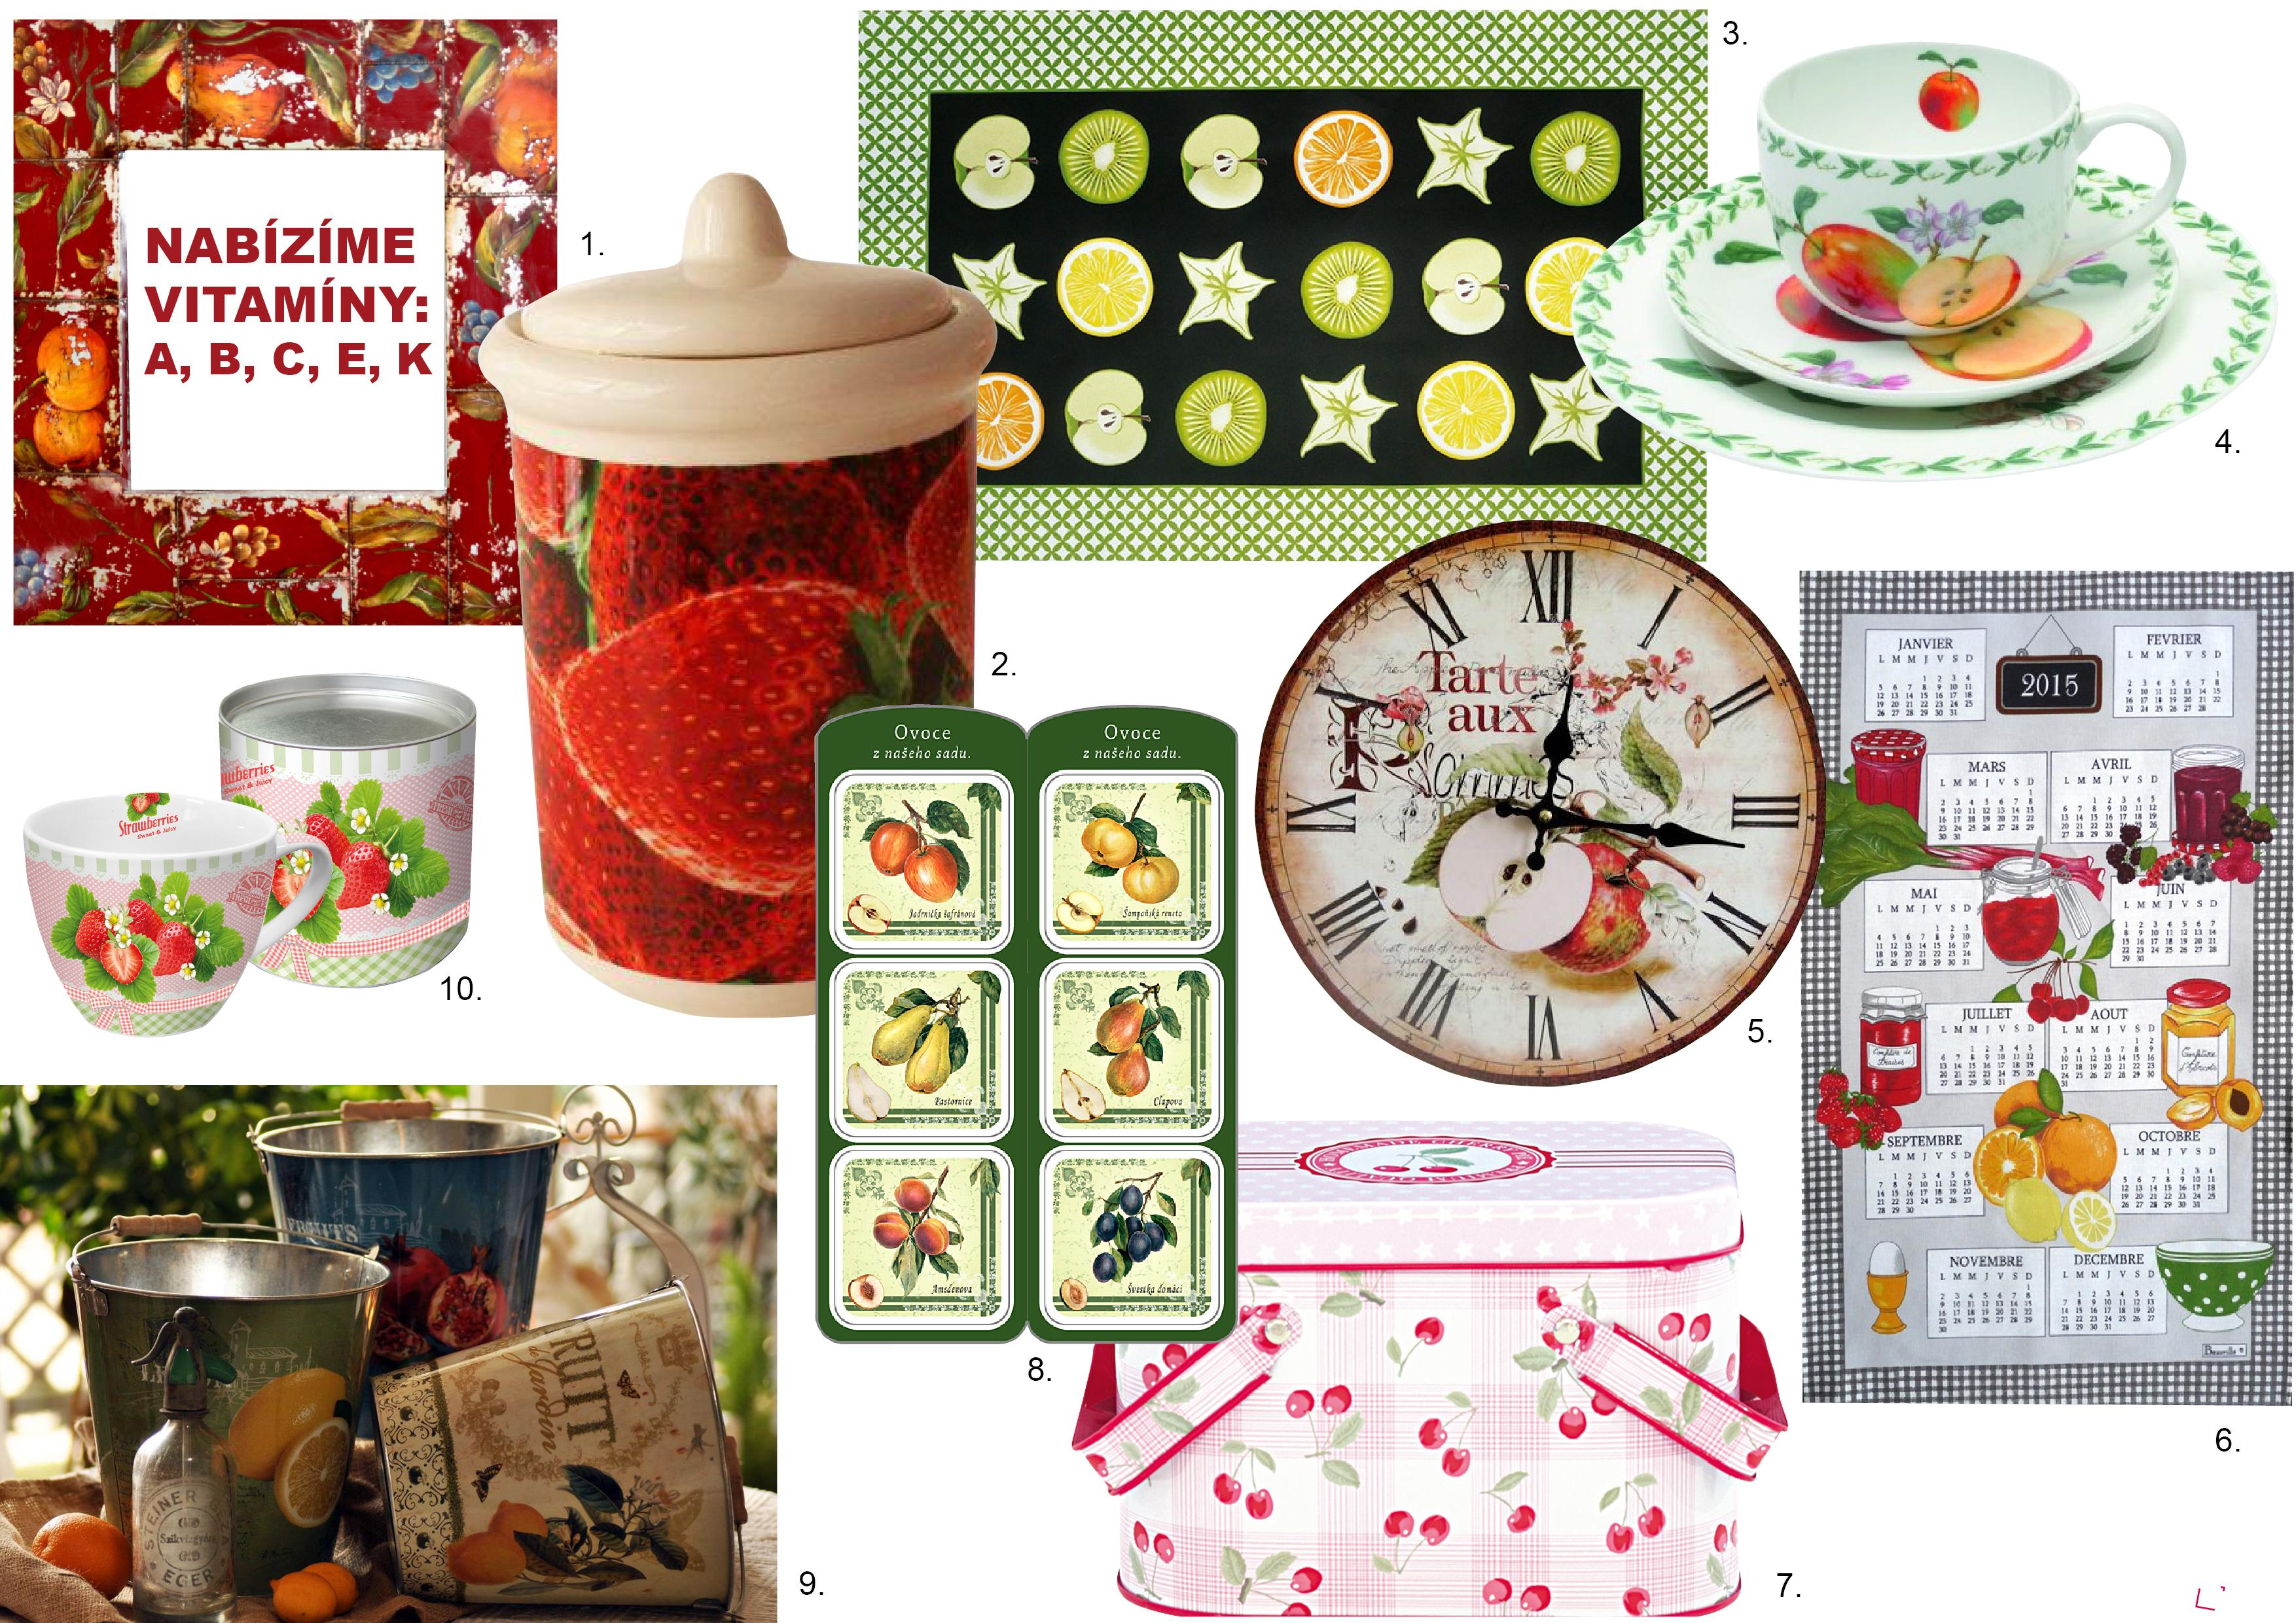 Obrázky ovoce na nádobí a ostatních předmětech v domácnosti evokují chuťové buňky.